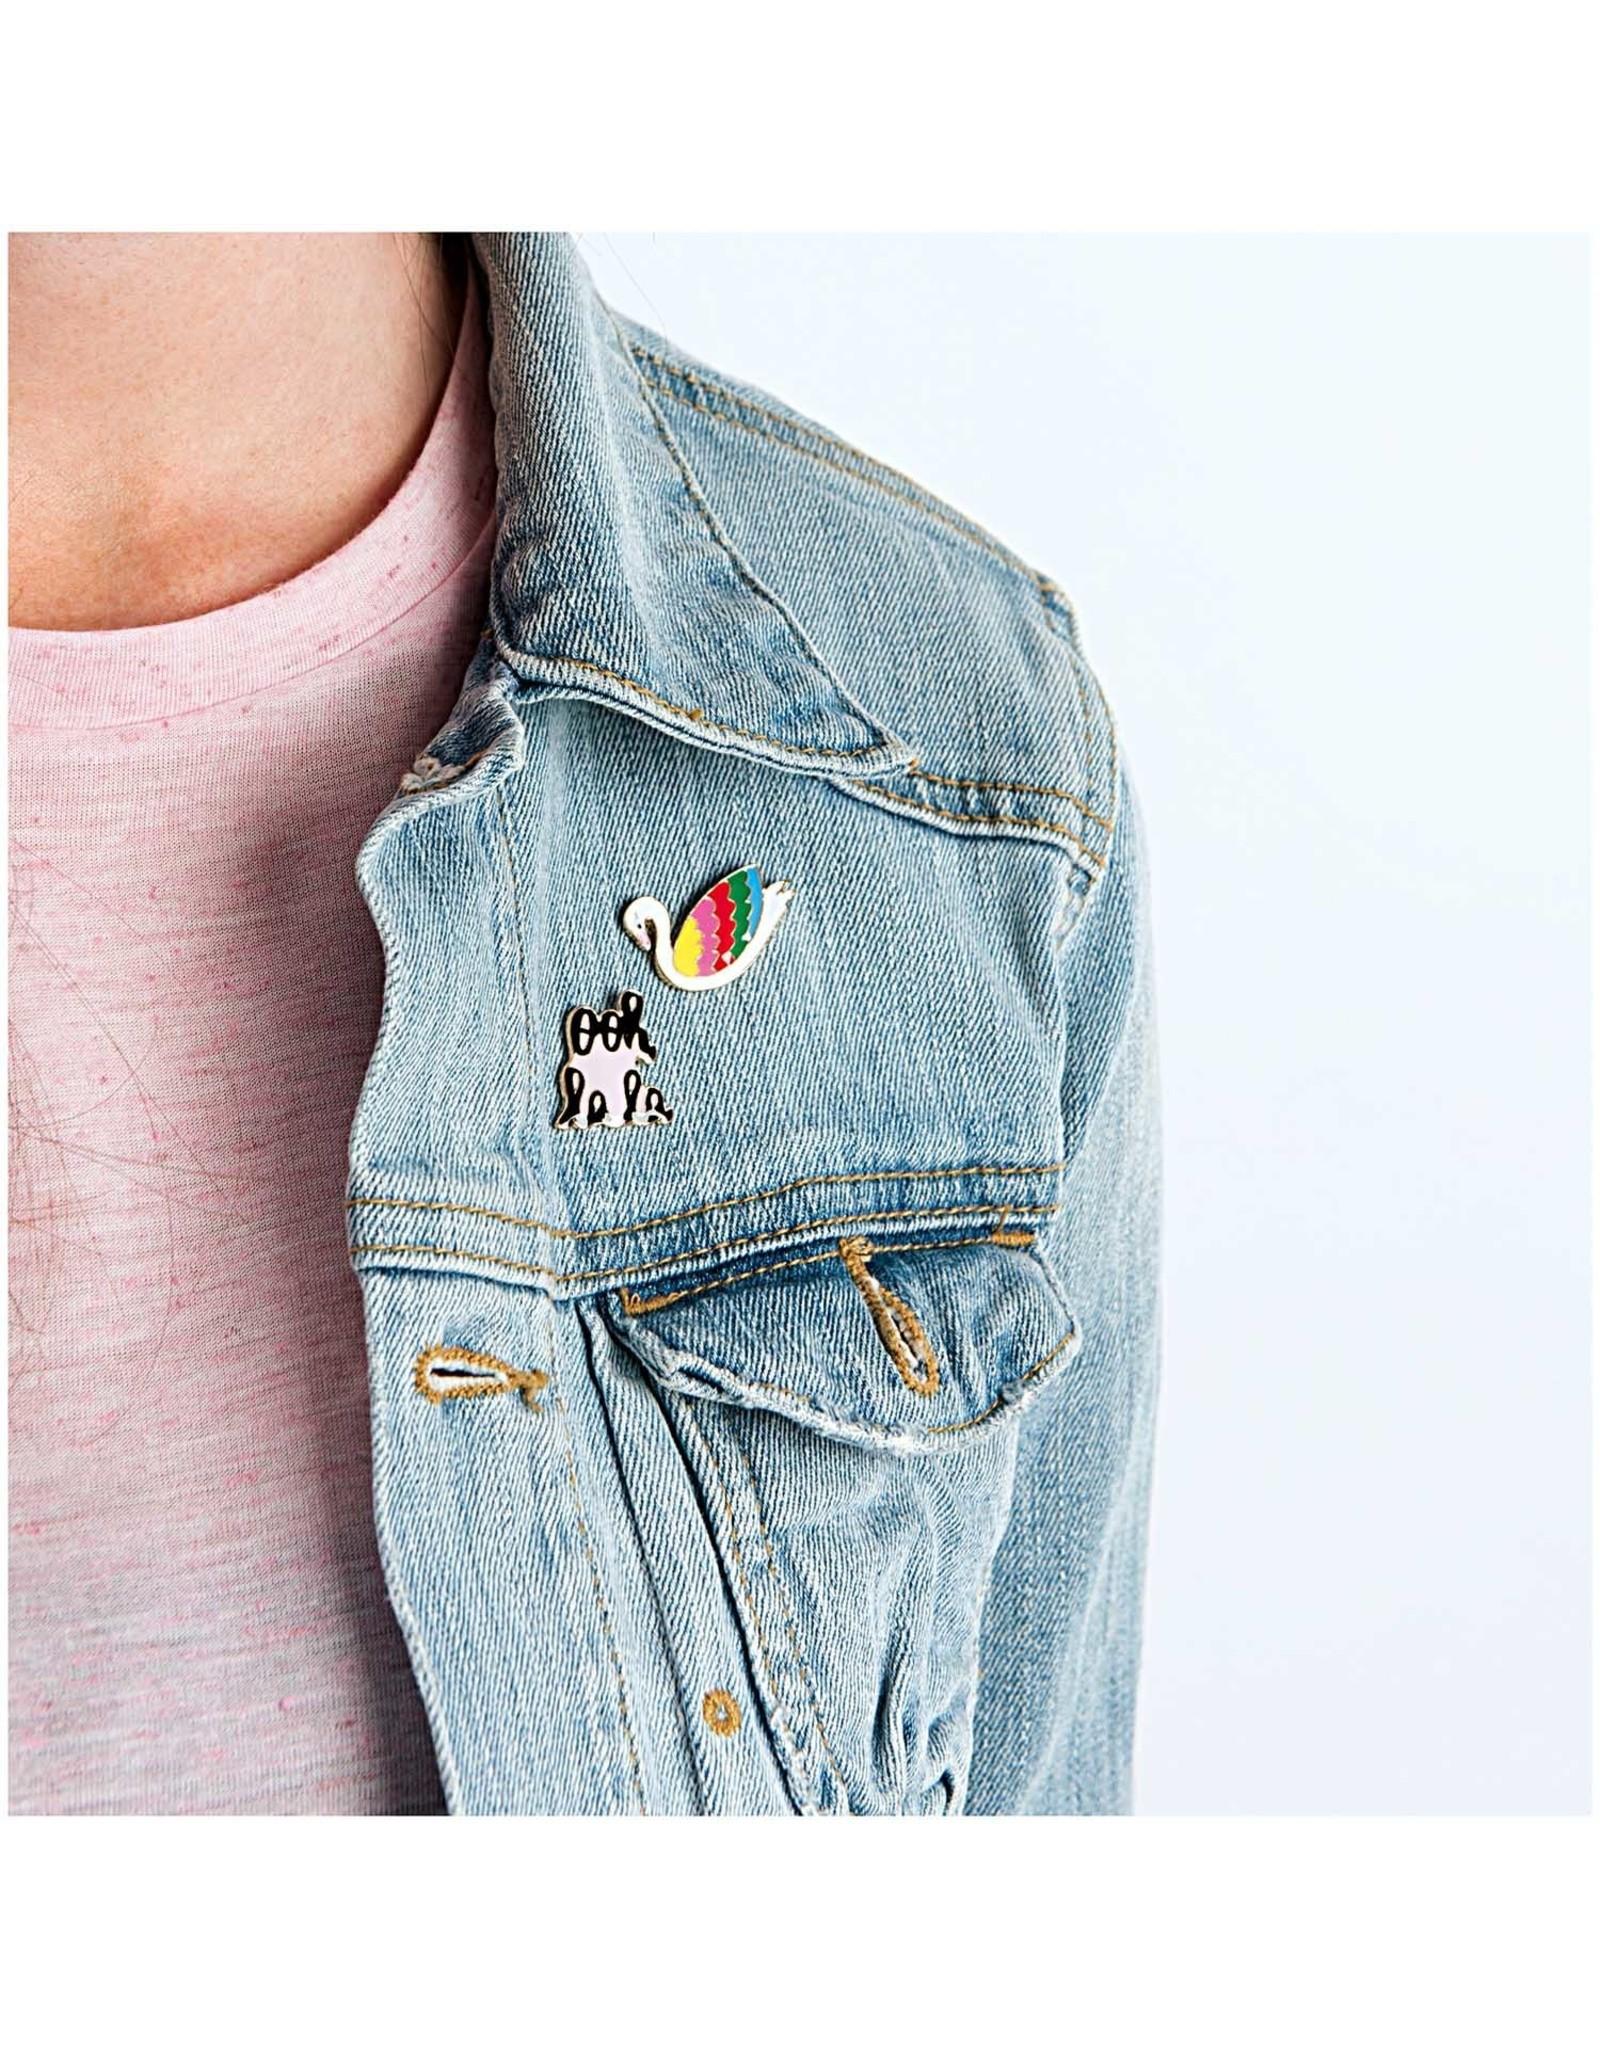 Rico Design Pins ooh la la 20x24mm